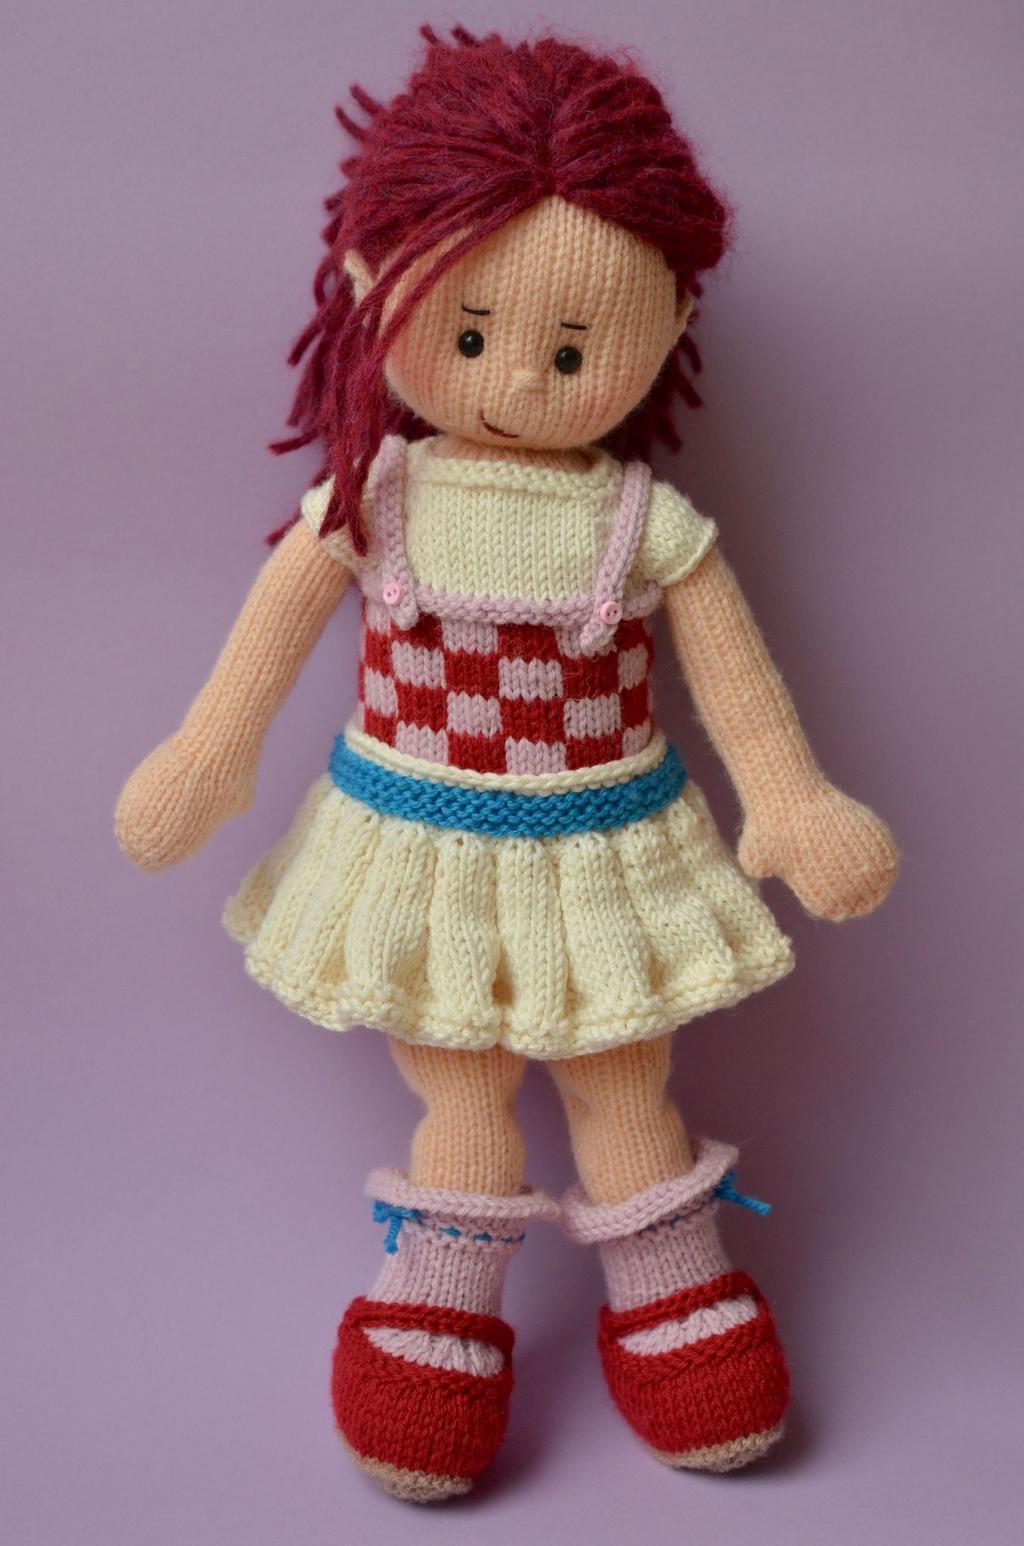 عکس عروسک بافتنی دختر مو قرمز